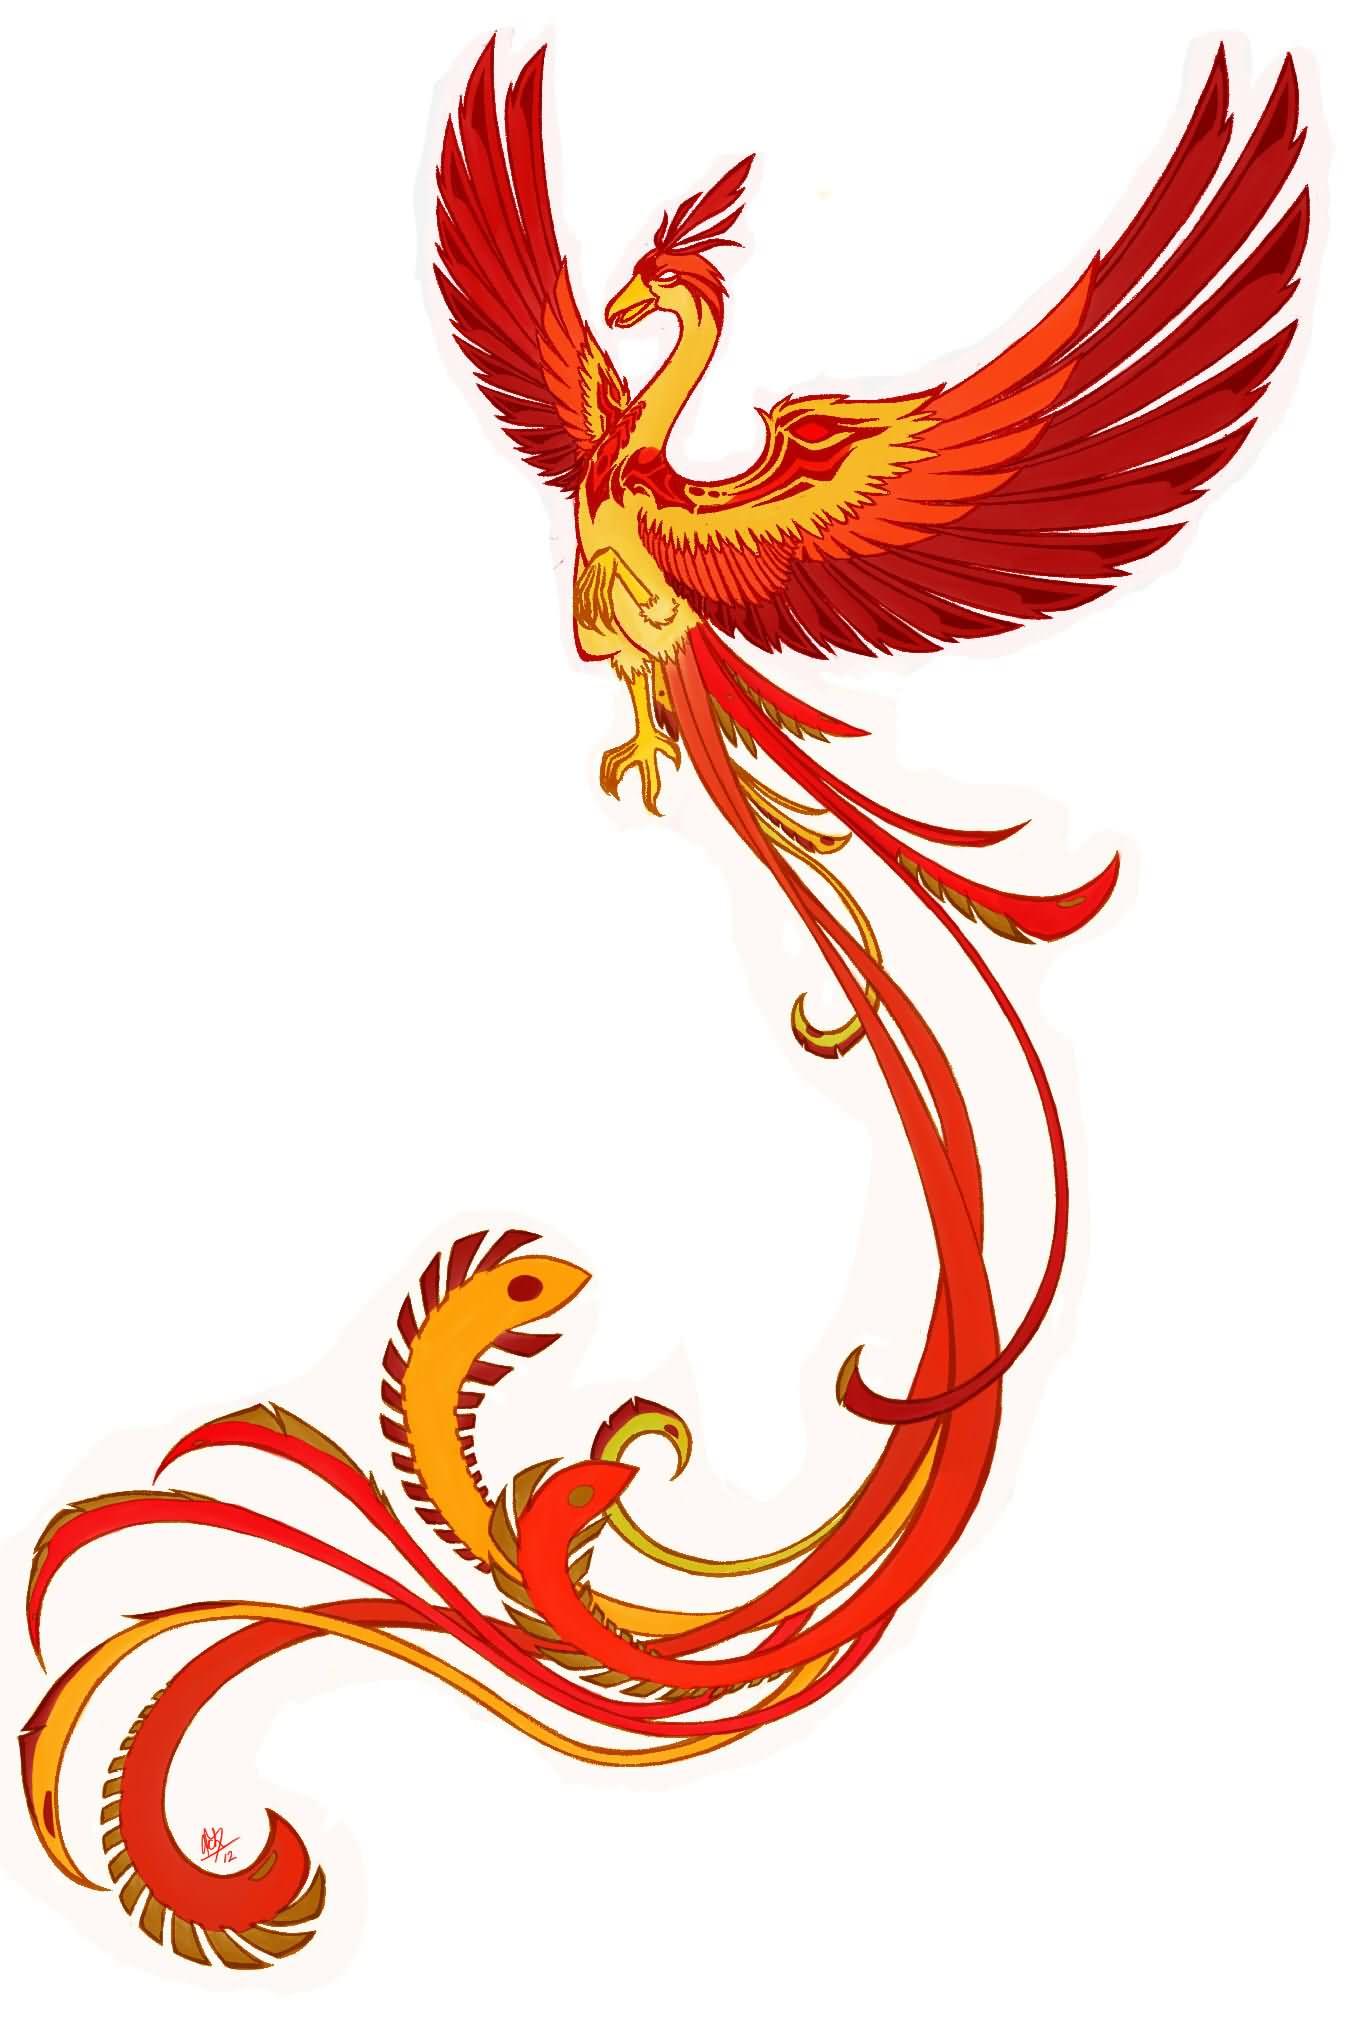 Classic Flying Phoenix Tattoo Design